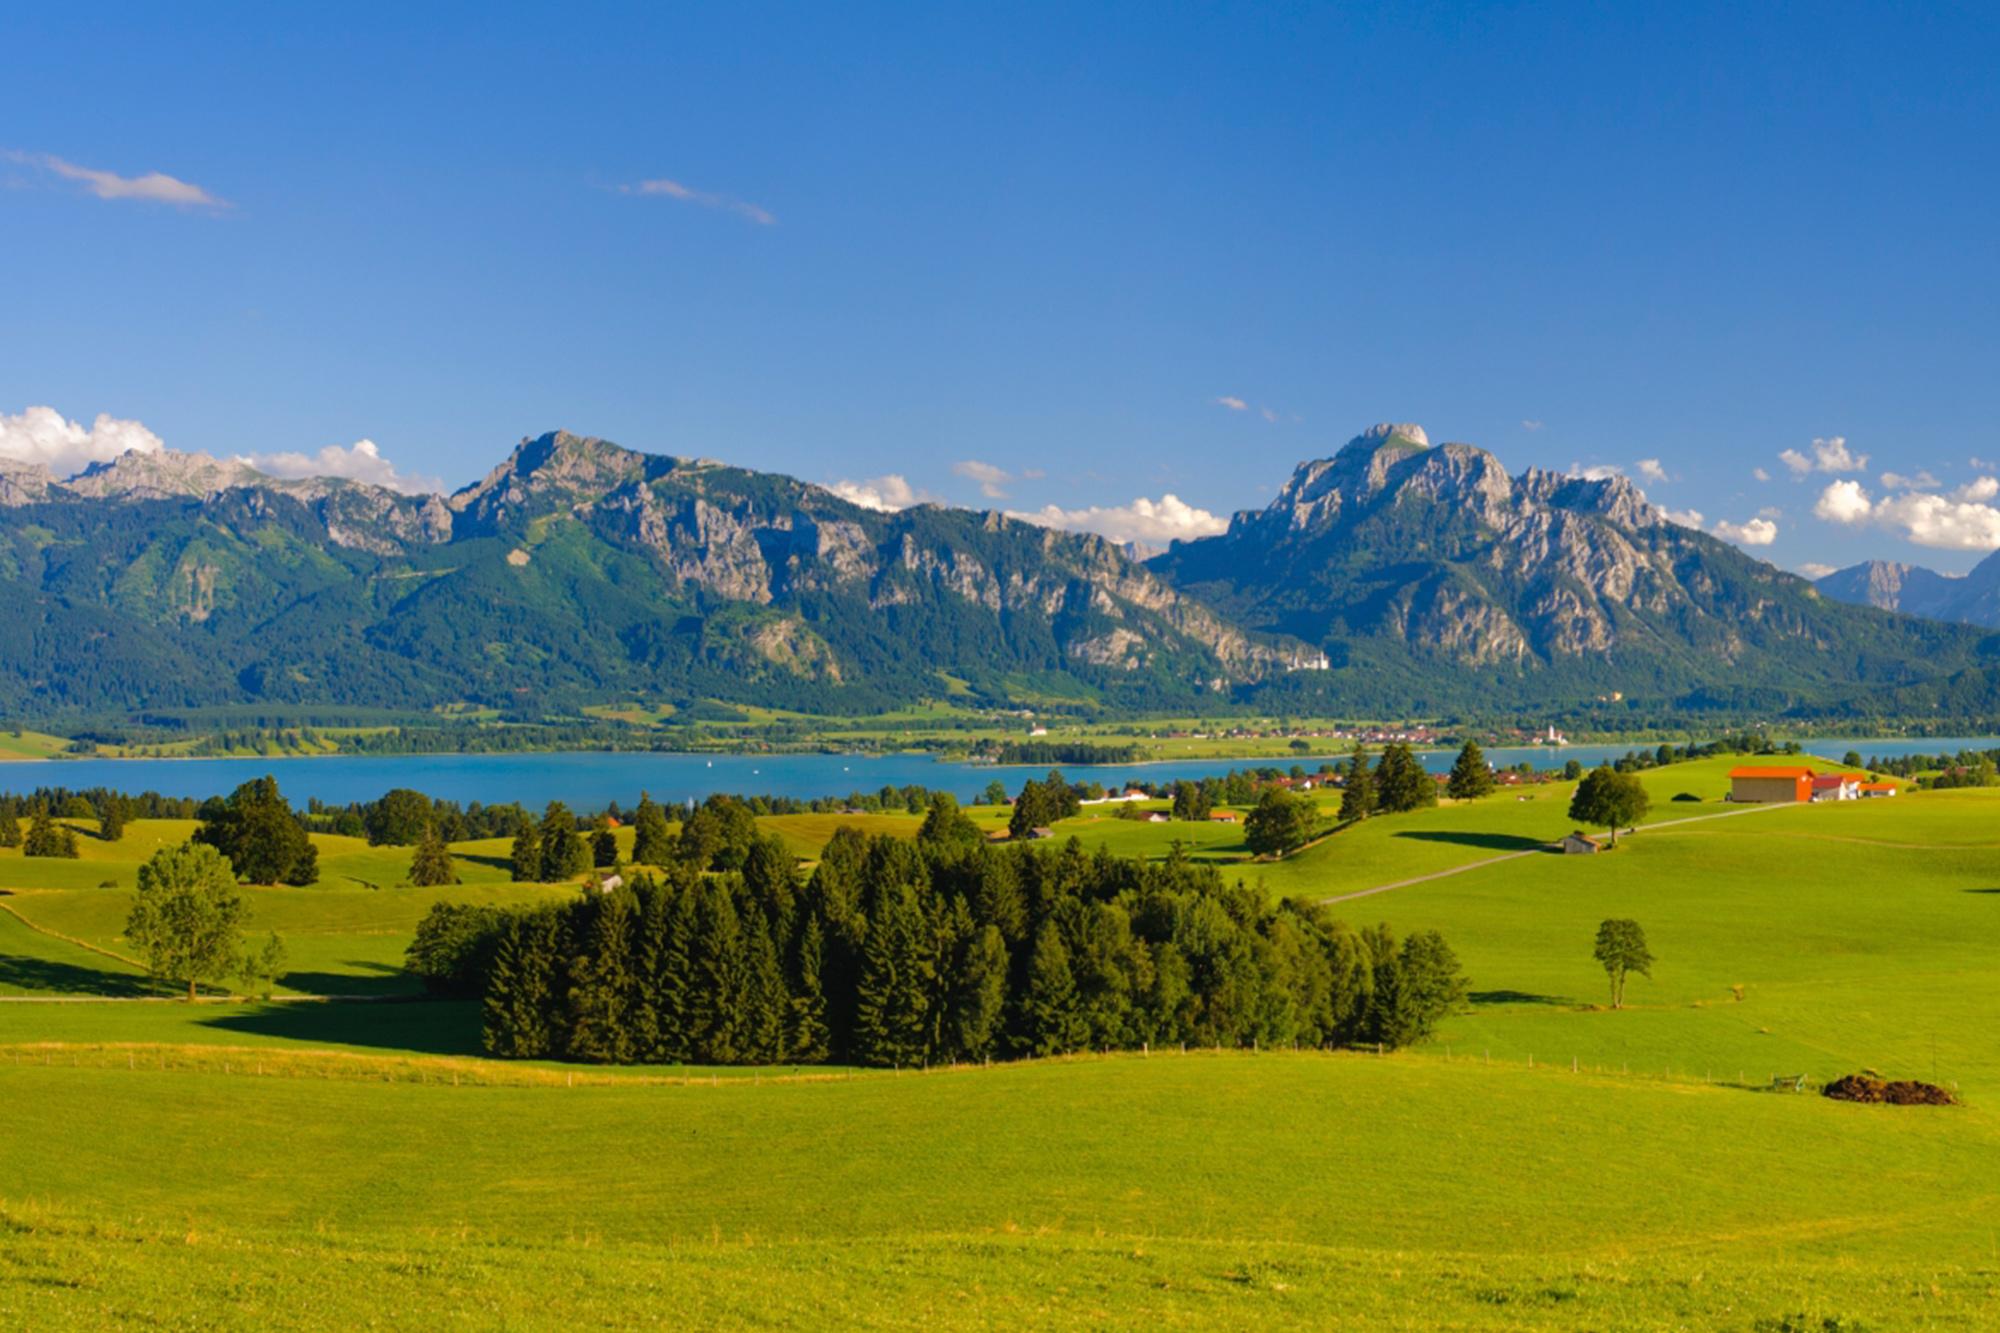 Urlaub Bayern » Mit TUI bayerische Bergwelten entdecken